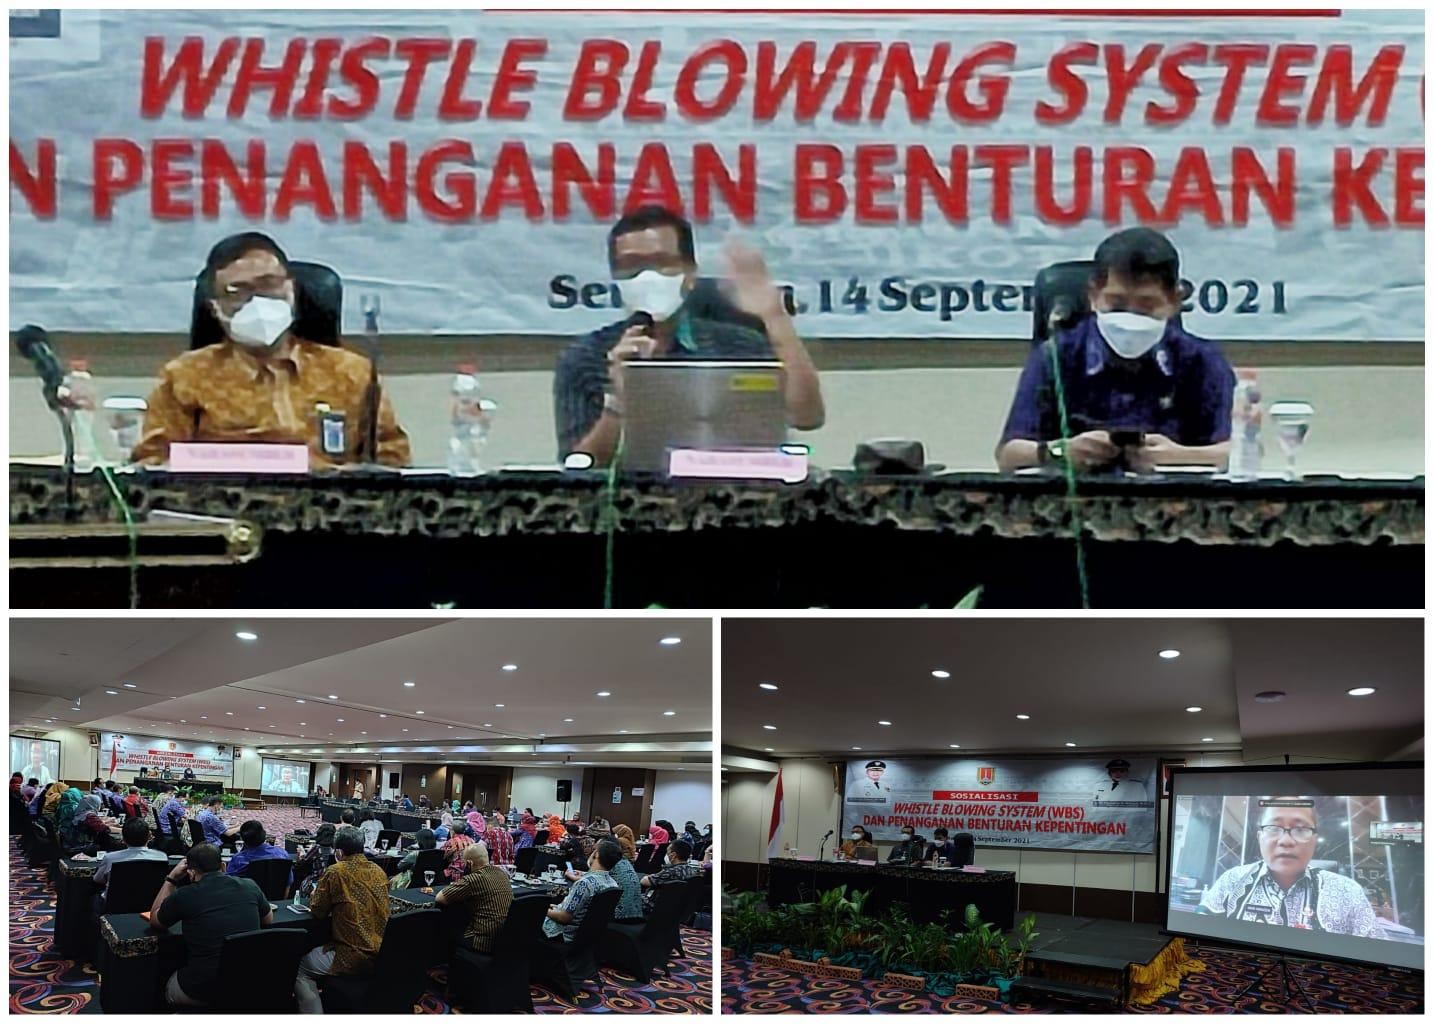 Sosialisasi Penanganan Benturan Kepentingan di Pemkot Semarang